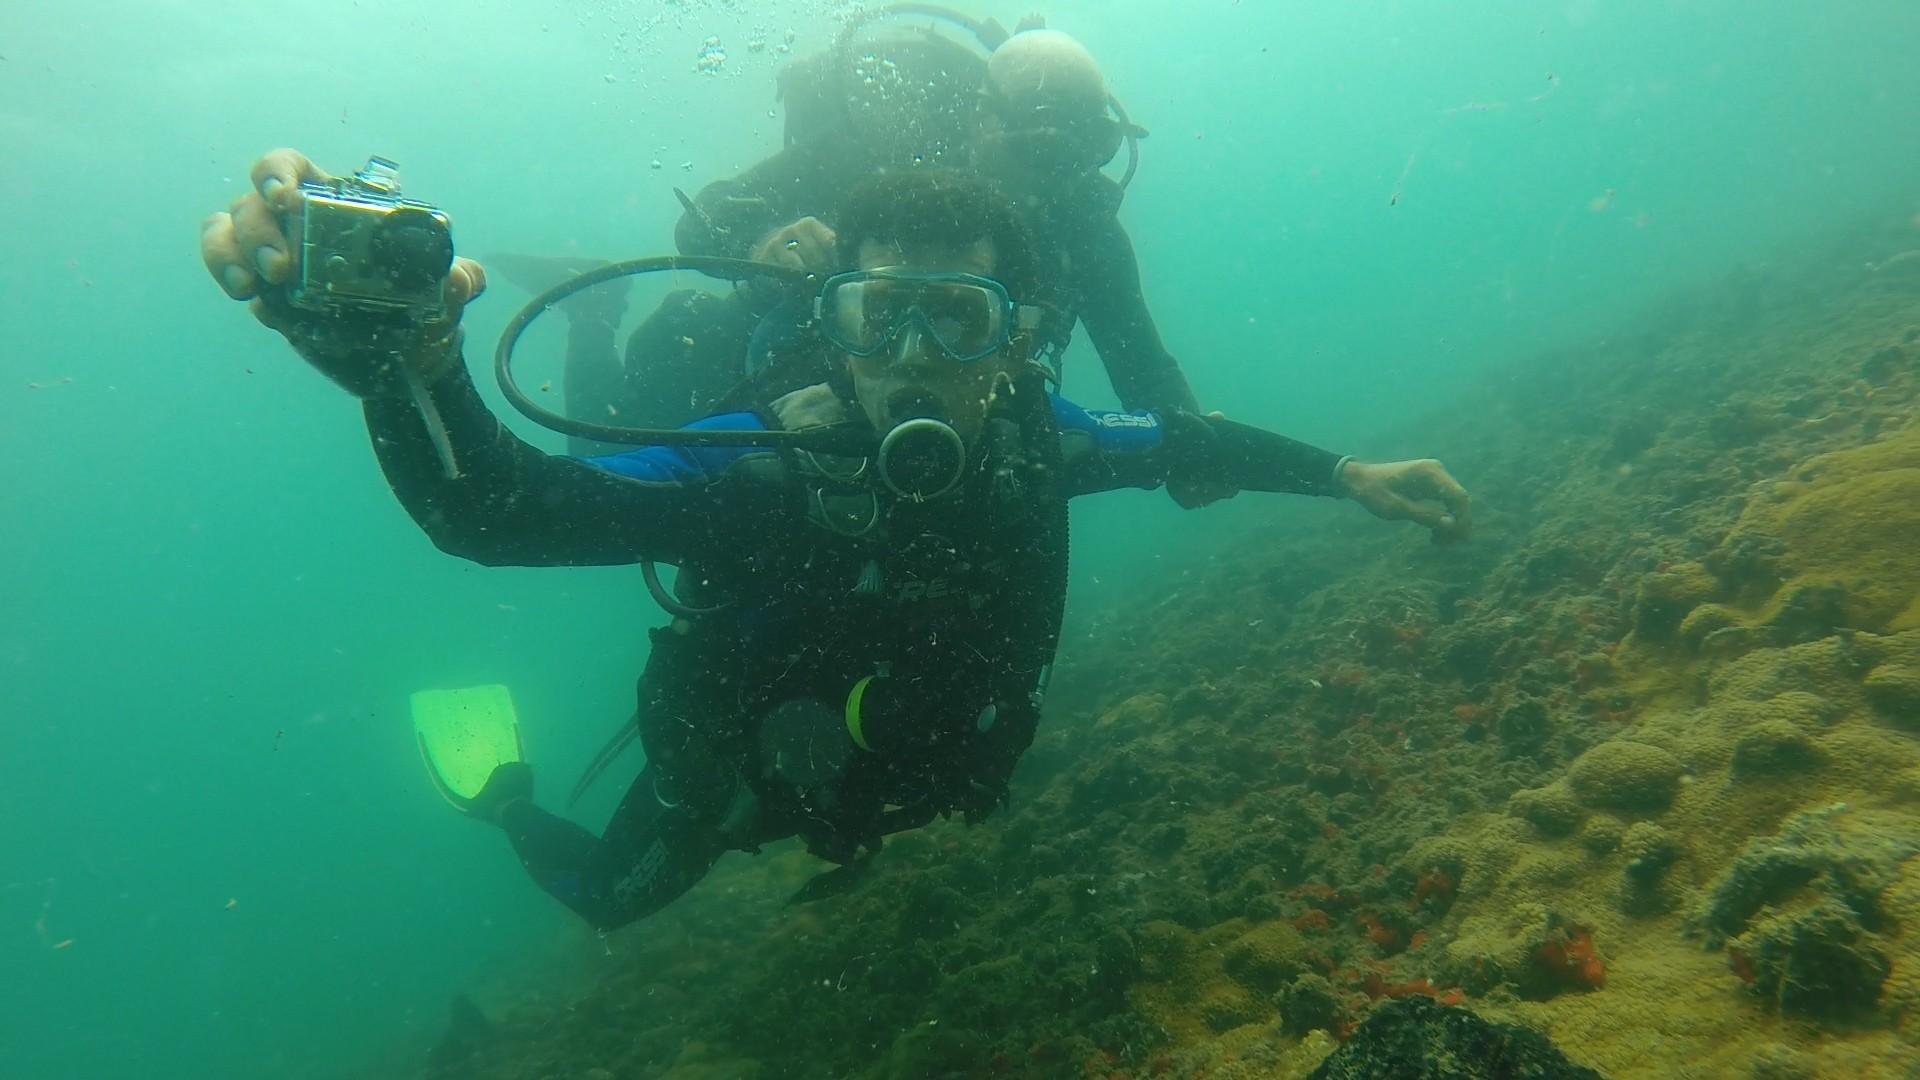 Com uma câmera na mão, Jackson mergulha para tratar de arqueologia subaquática (Foto: Divulgação)